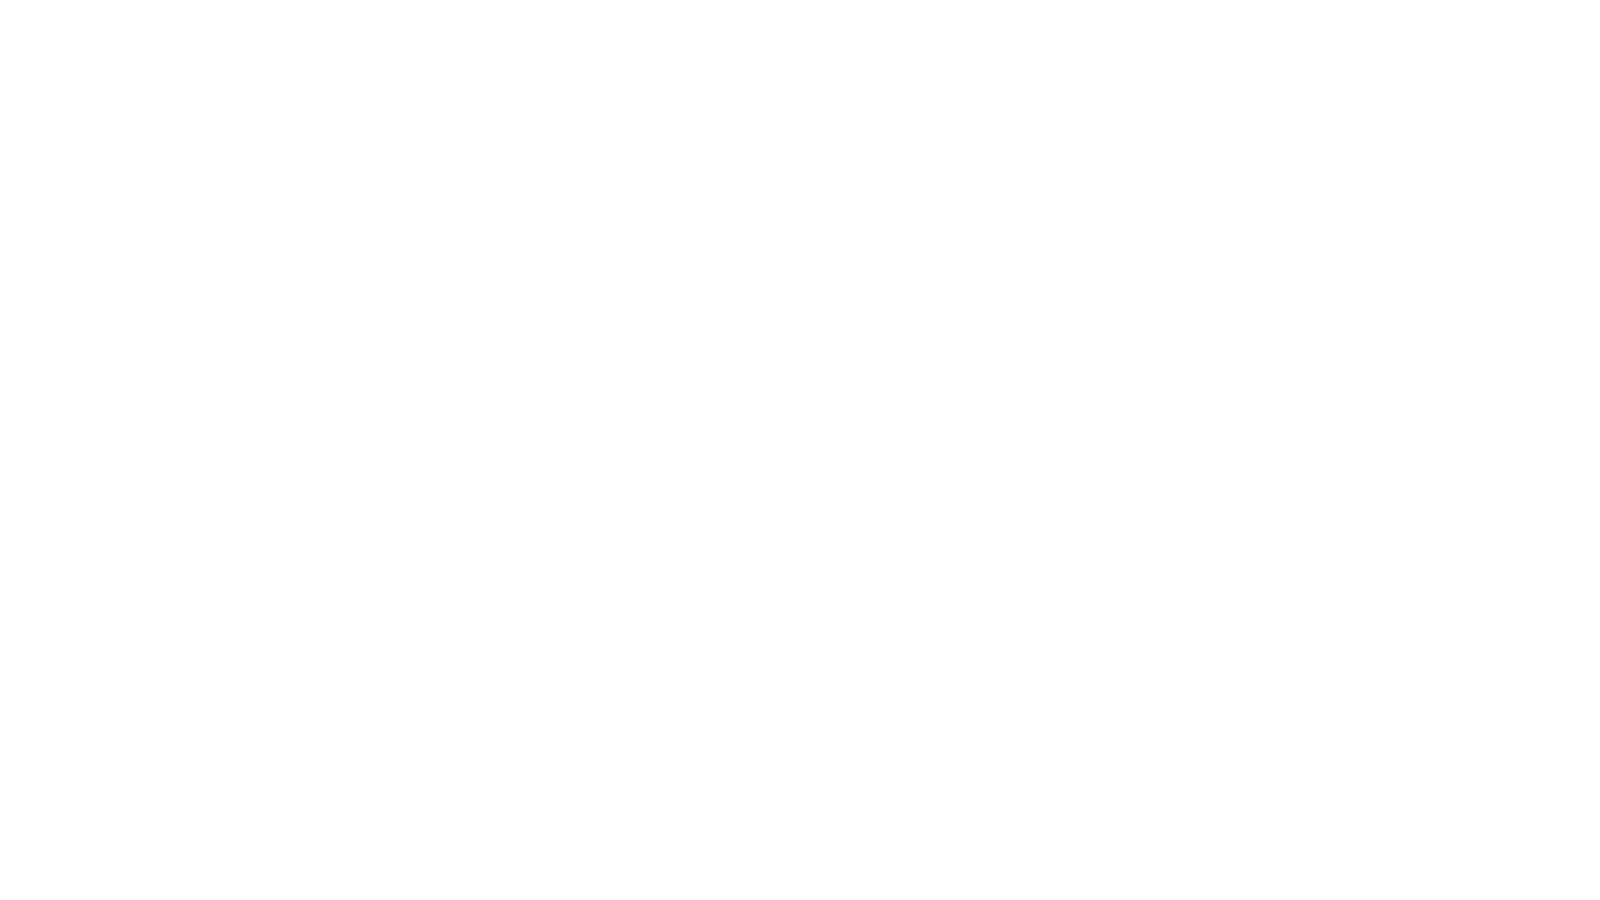 🥰 Compre seu material pra treinar em casa aqui: http://compre.vc/materialpratreinar Recomendo!💬 São muitos os fatores que impactam os resultados de um treino, mas não importa o objetivo, entender como o seu corpo lida com os estímulos e fundamental para compreender onde você pode estar errando.💻𝗖𝗼𝗻𝗵𝗲𝗰̧𝗮 𝗻𝗼𝘀𝘀𝗼 𝘀𝗶𝘁𝗲 ✓ http://fiqueinforma.com🚀 𝗡𝗼𝘀𝘀𝗮𝘀 𝗿𝗲𝗱𝗲𝘀 𝘀𝗼𝗰𝗶𝗮𝗶𝘀 ✓ INSTAGRAM: https://www.instagram.com/fiqueinforma ✓ FACEBOOK: https://www.facebook.com/fiqueinforma ✓ TWITTER: https://www.twitter.com/fiqueinforma ✓ TikTok:  https://www.tiktok.com/@fiqueinforma📧 𝗖𝗼𝗻𝘁𝗮𝘁𝗼 ✓ contato@fiqueinforma.com💡 Assista mais vídeos do Fique Informa e inscreva-se no canal: ✓ https://www.youtube.com/fiqueinforma?sub_confirmation=1😍 𝗔𝘀𝘀𝗶𝘀𝘁𝗮 𝘁𝗮𝗺𝗯𝗲́𝗺✓ Exercícios para dor no ombro. Solução e prevenção para dor no ombro. https://youtu.be/OPpt4OHnfFI✓ Caminhada causa flacidez? Aprenda quais são os melhores exercícios contra a flacidez: https://youtu.be/Bz0SNanKke0✓ Emagrecer e perder peso não é a mesma coisa! https://youtu.be/2geNtXhYEwU✓ Conheça os tipos de academia e escolha a melhor pra você https://youtu.be/fox99iBDcs0✓ AULA PILATES SOLO - INICIANTES | Aula 8 https://youtu.be/s-PPpfsS1Sw📢 𝗜𝗠𝗣𝗢𝗥𝗧𝗔𝗡𝗧𝗘 Antes de fazer exercício, consulte um médico para ter certeza que está bem de saúde e se existe alguma restrição. Não existe exercício milagroso, os resultados demoram e quando feitos sem a supervisão de um Profissional de Educação Física, podem causar lesões. Seja cuidadoso, paciente e gentil com seu corpo! Na dúvida consulte um professor.